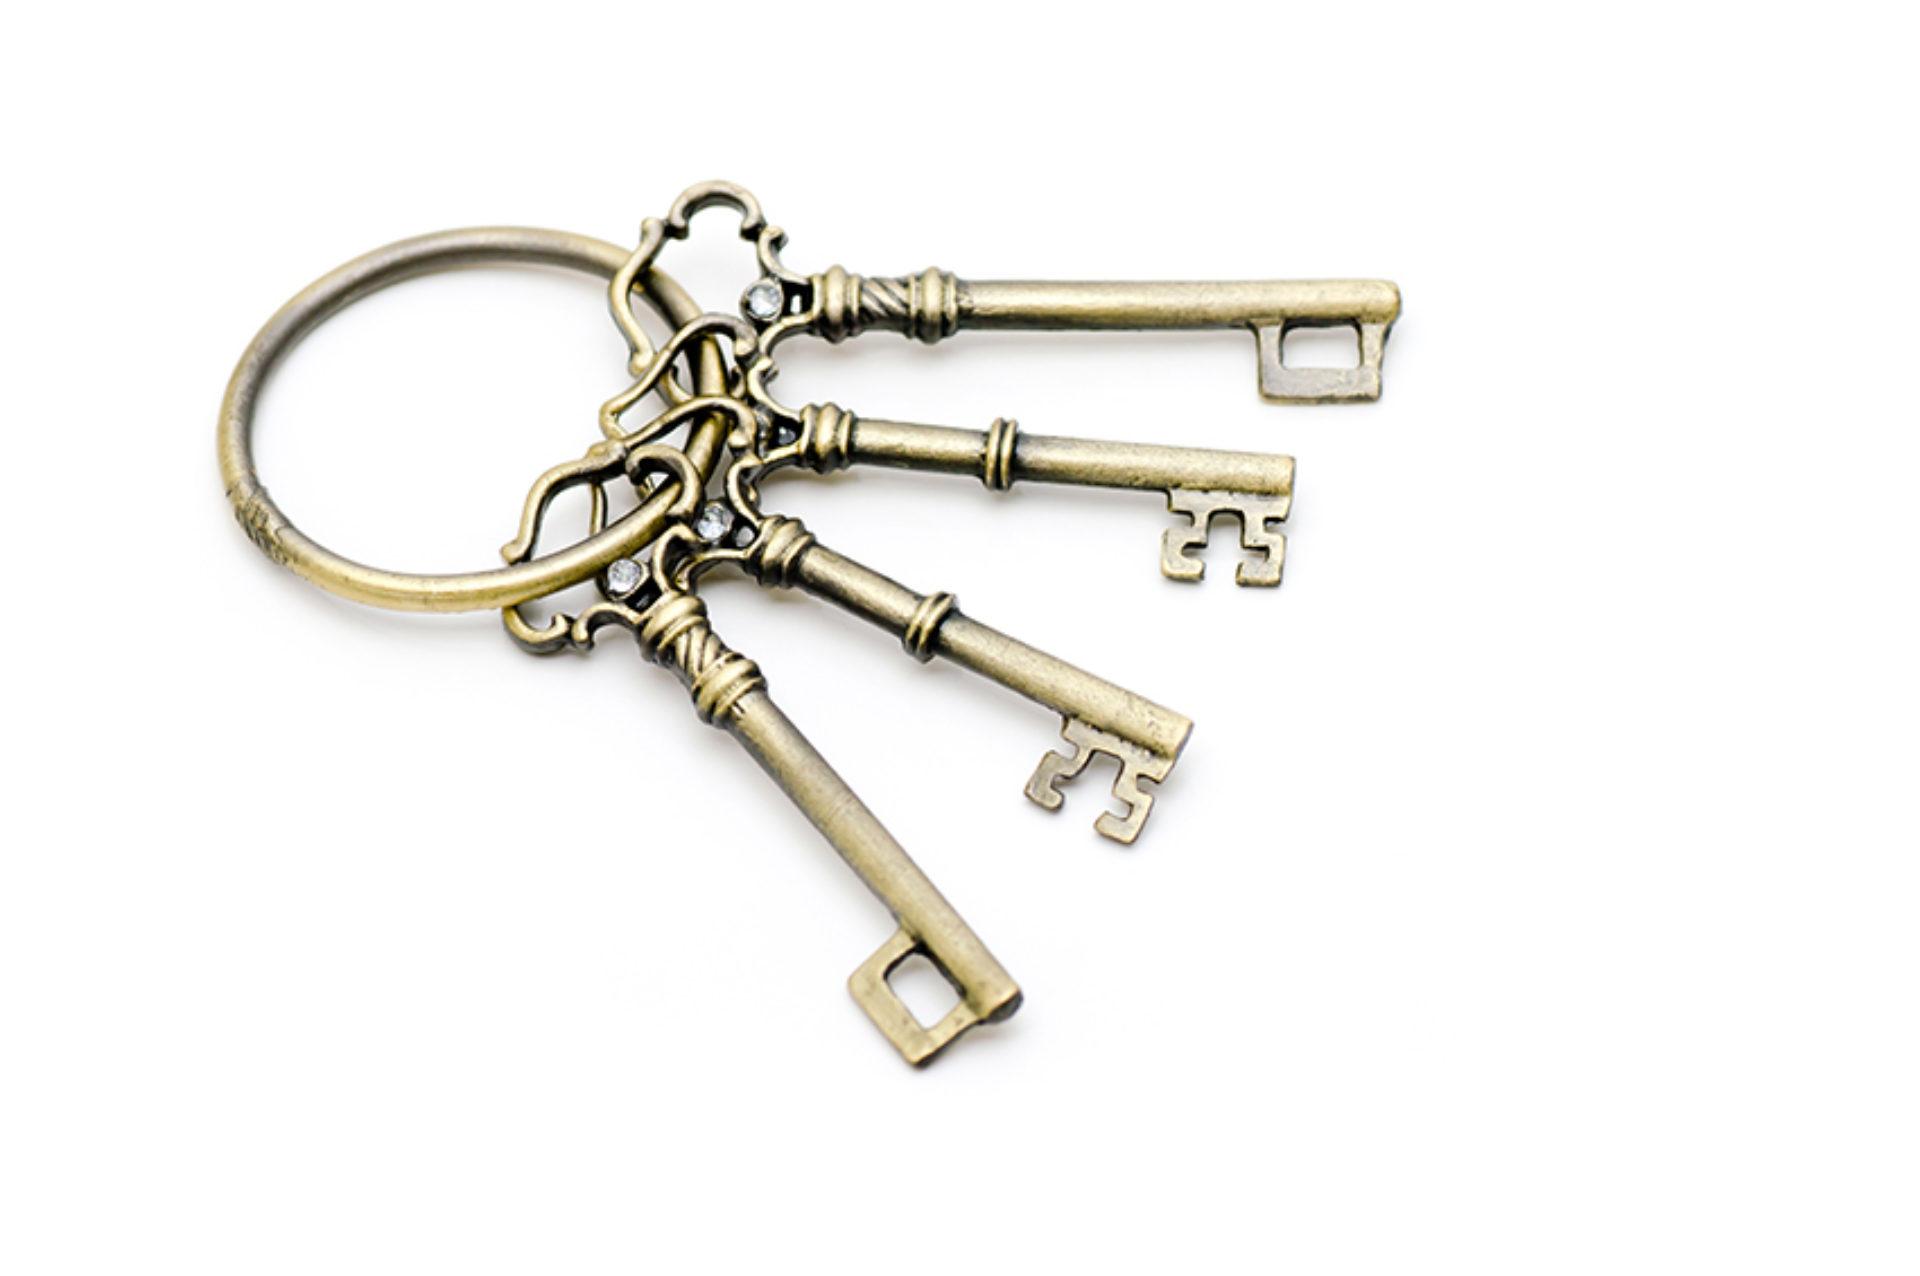 Zelfcoaching: 4 gouden sleutels tot ontplooiing